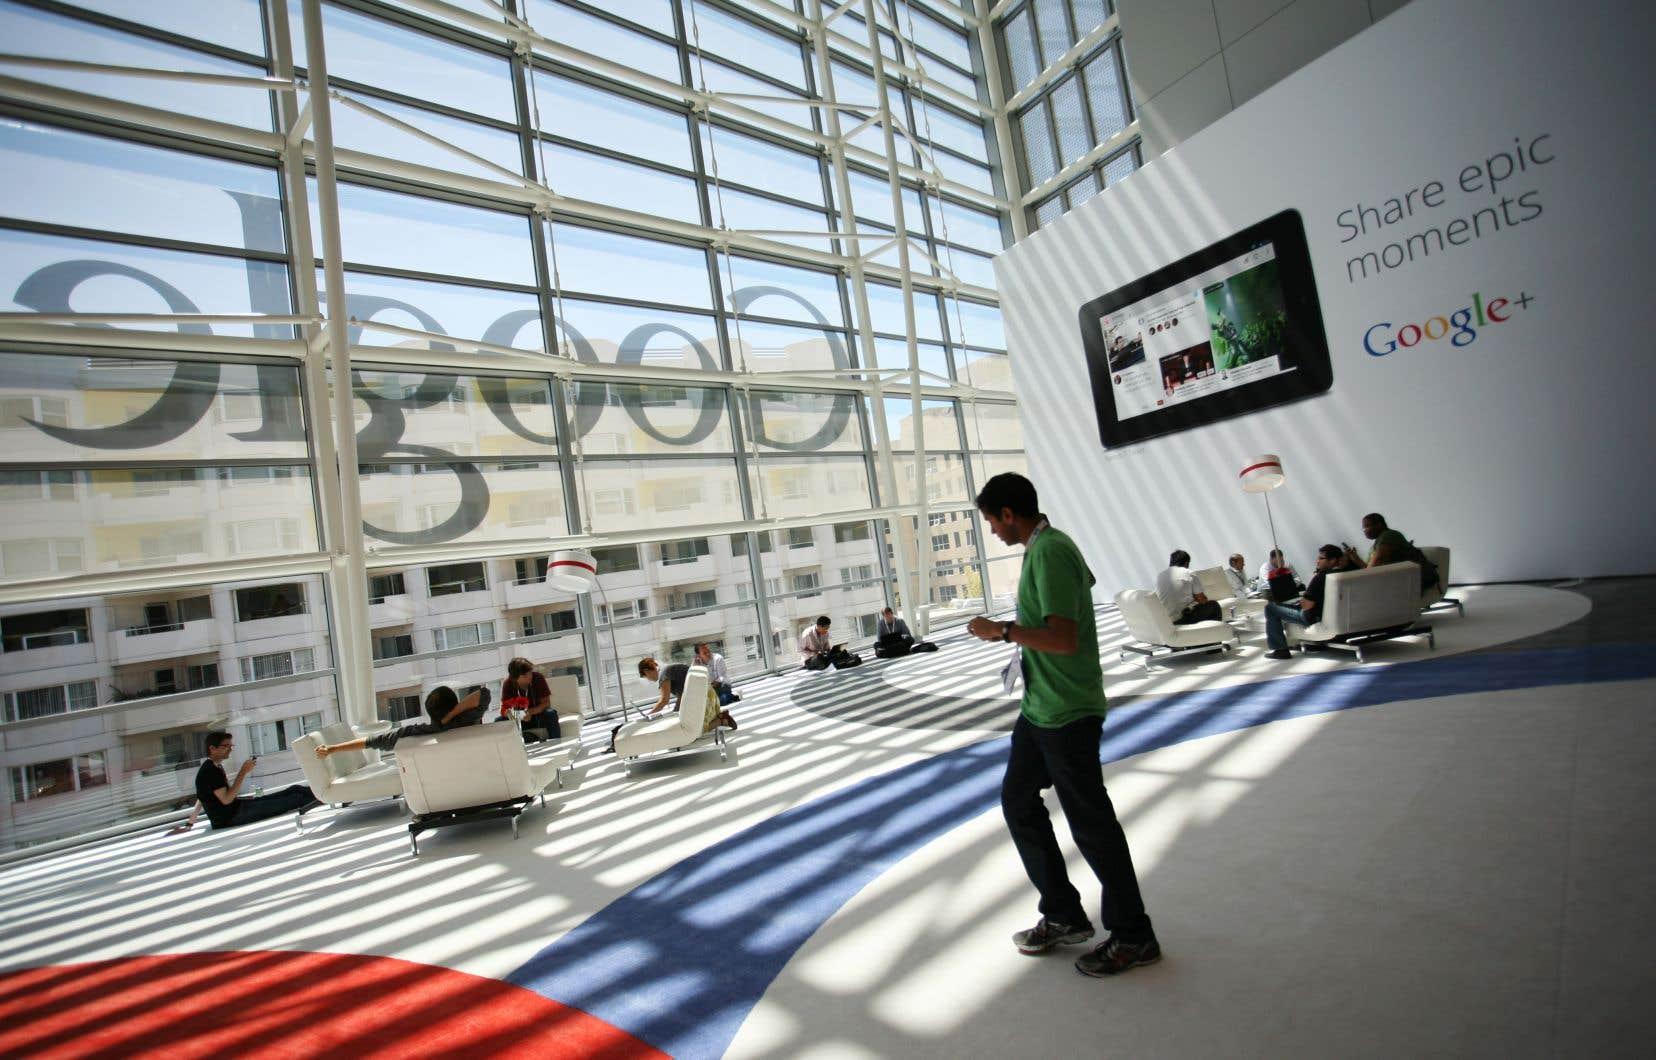 Le chiffre d'affaires de Google s'est établi à 39,3milliards, en hausse de 21% par rapport aux 32,3milliards de la même période un an plus tôt.